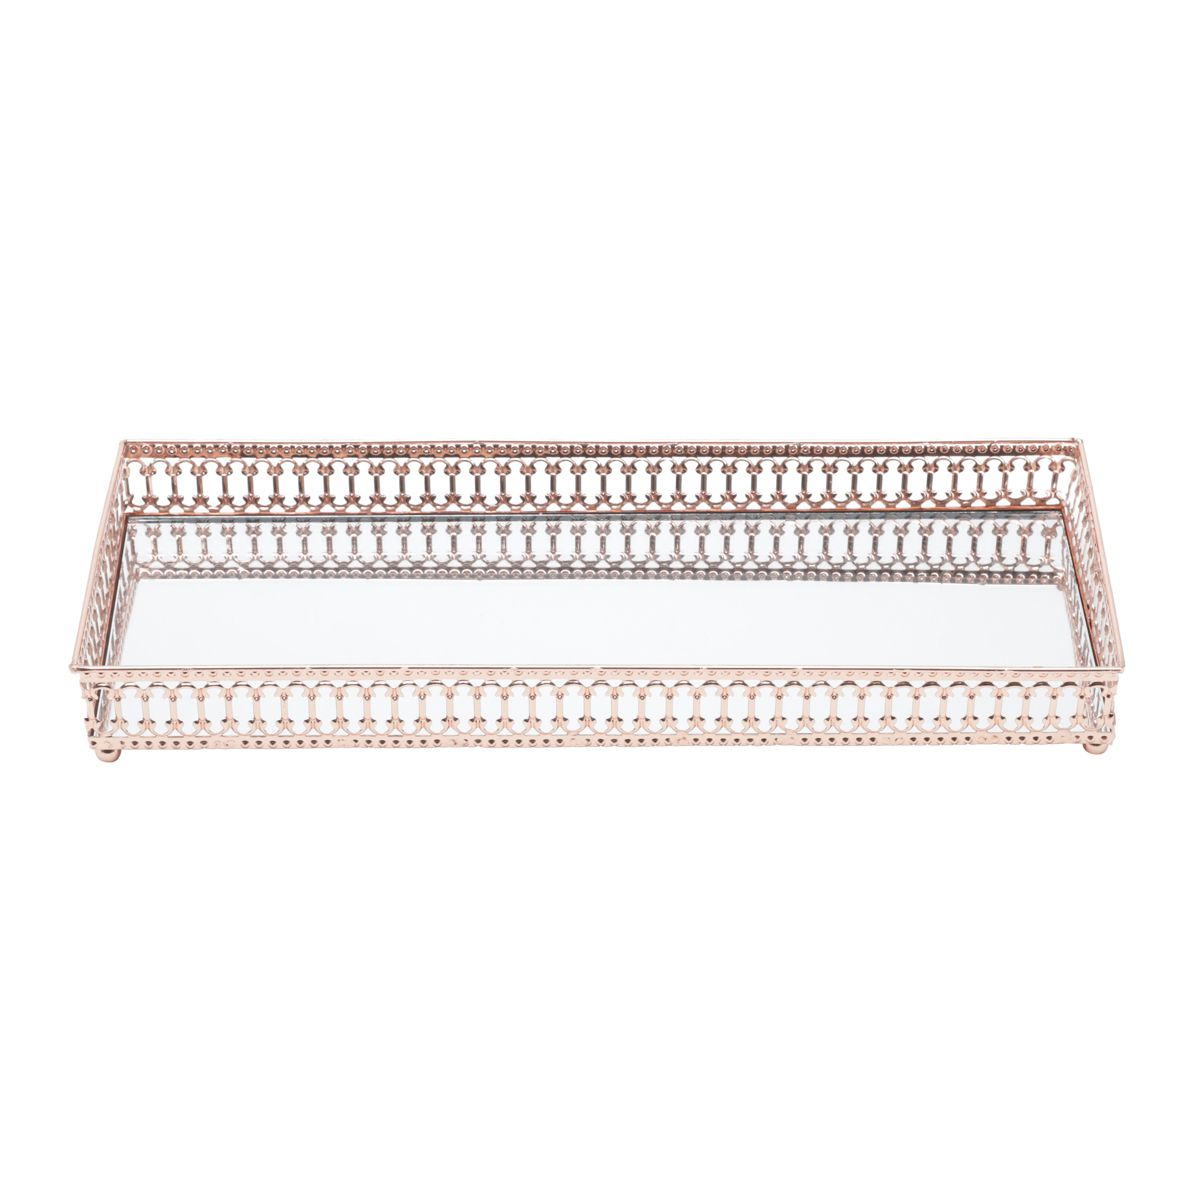 Bandeja Espelhada Cobre Retangular Luxo para Lavabo / Bar / Sala